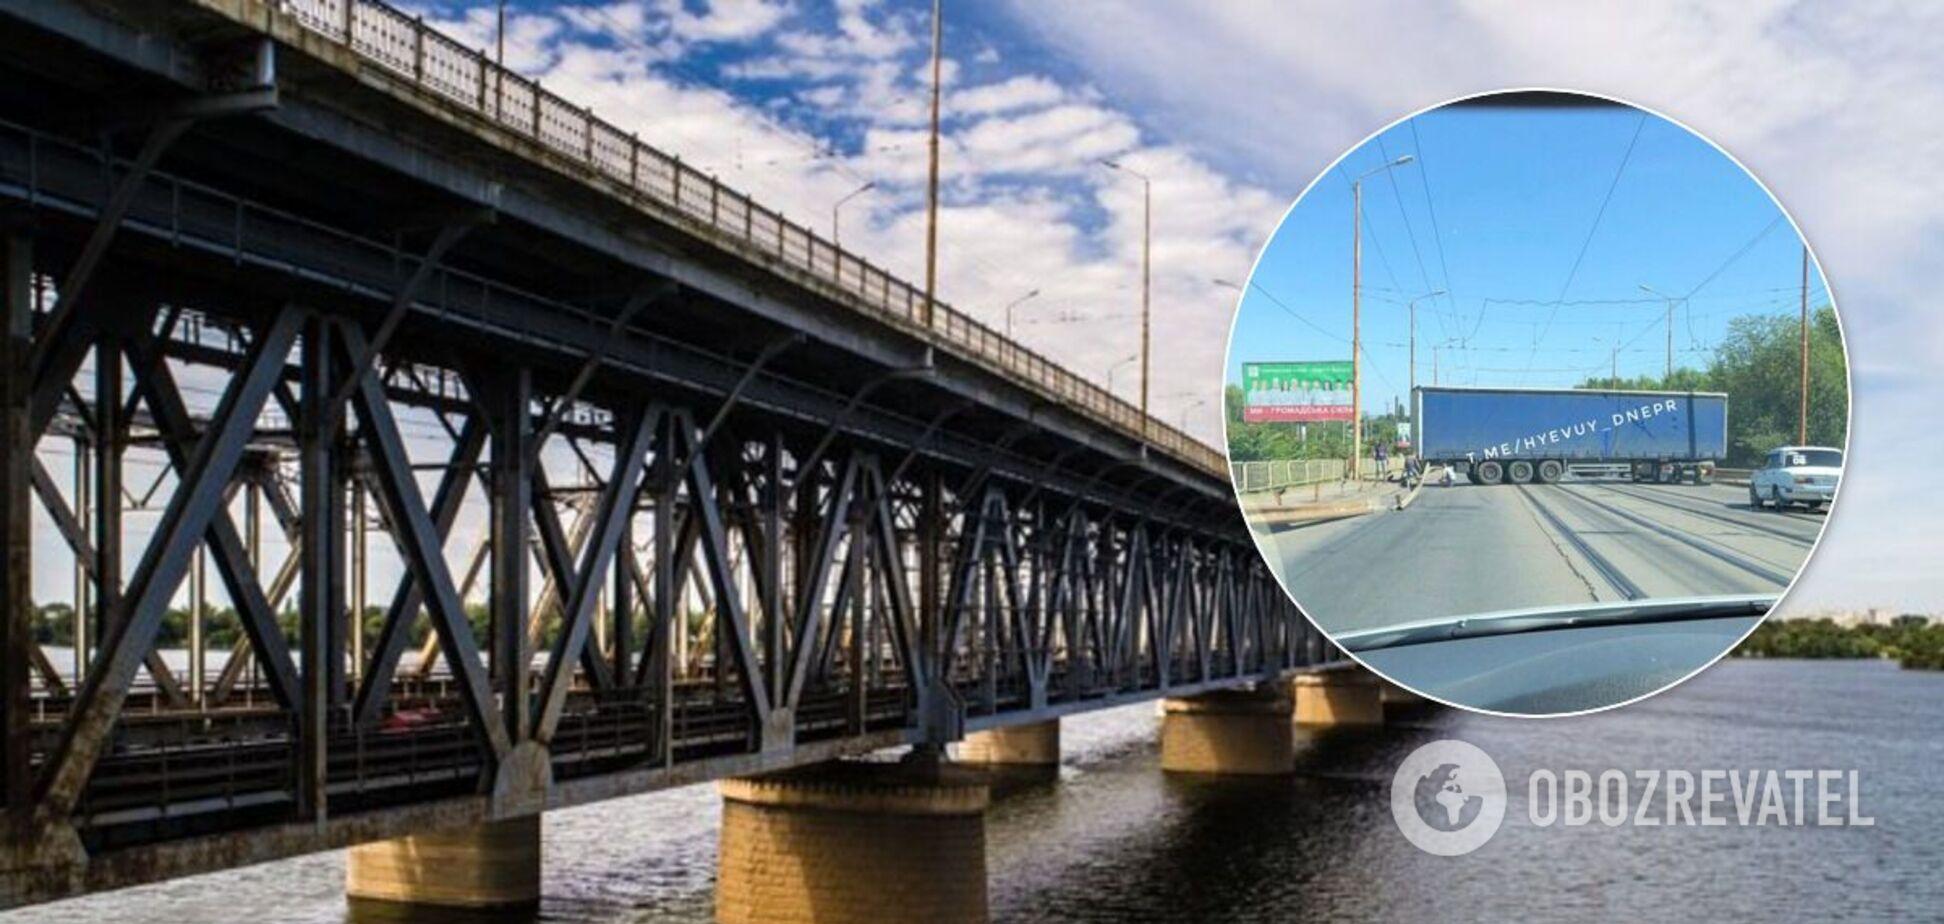 У Дніпрі фура застрягла поперек мосту: утворився величезний затор. Фото і відео